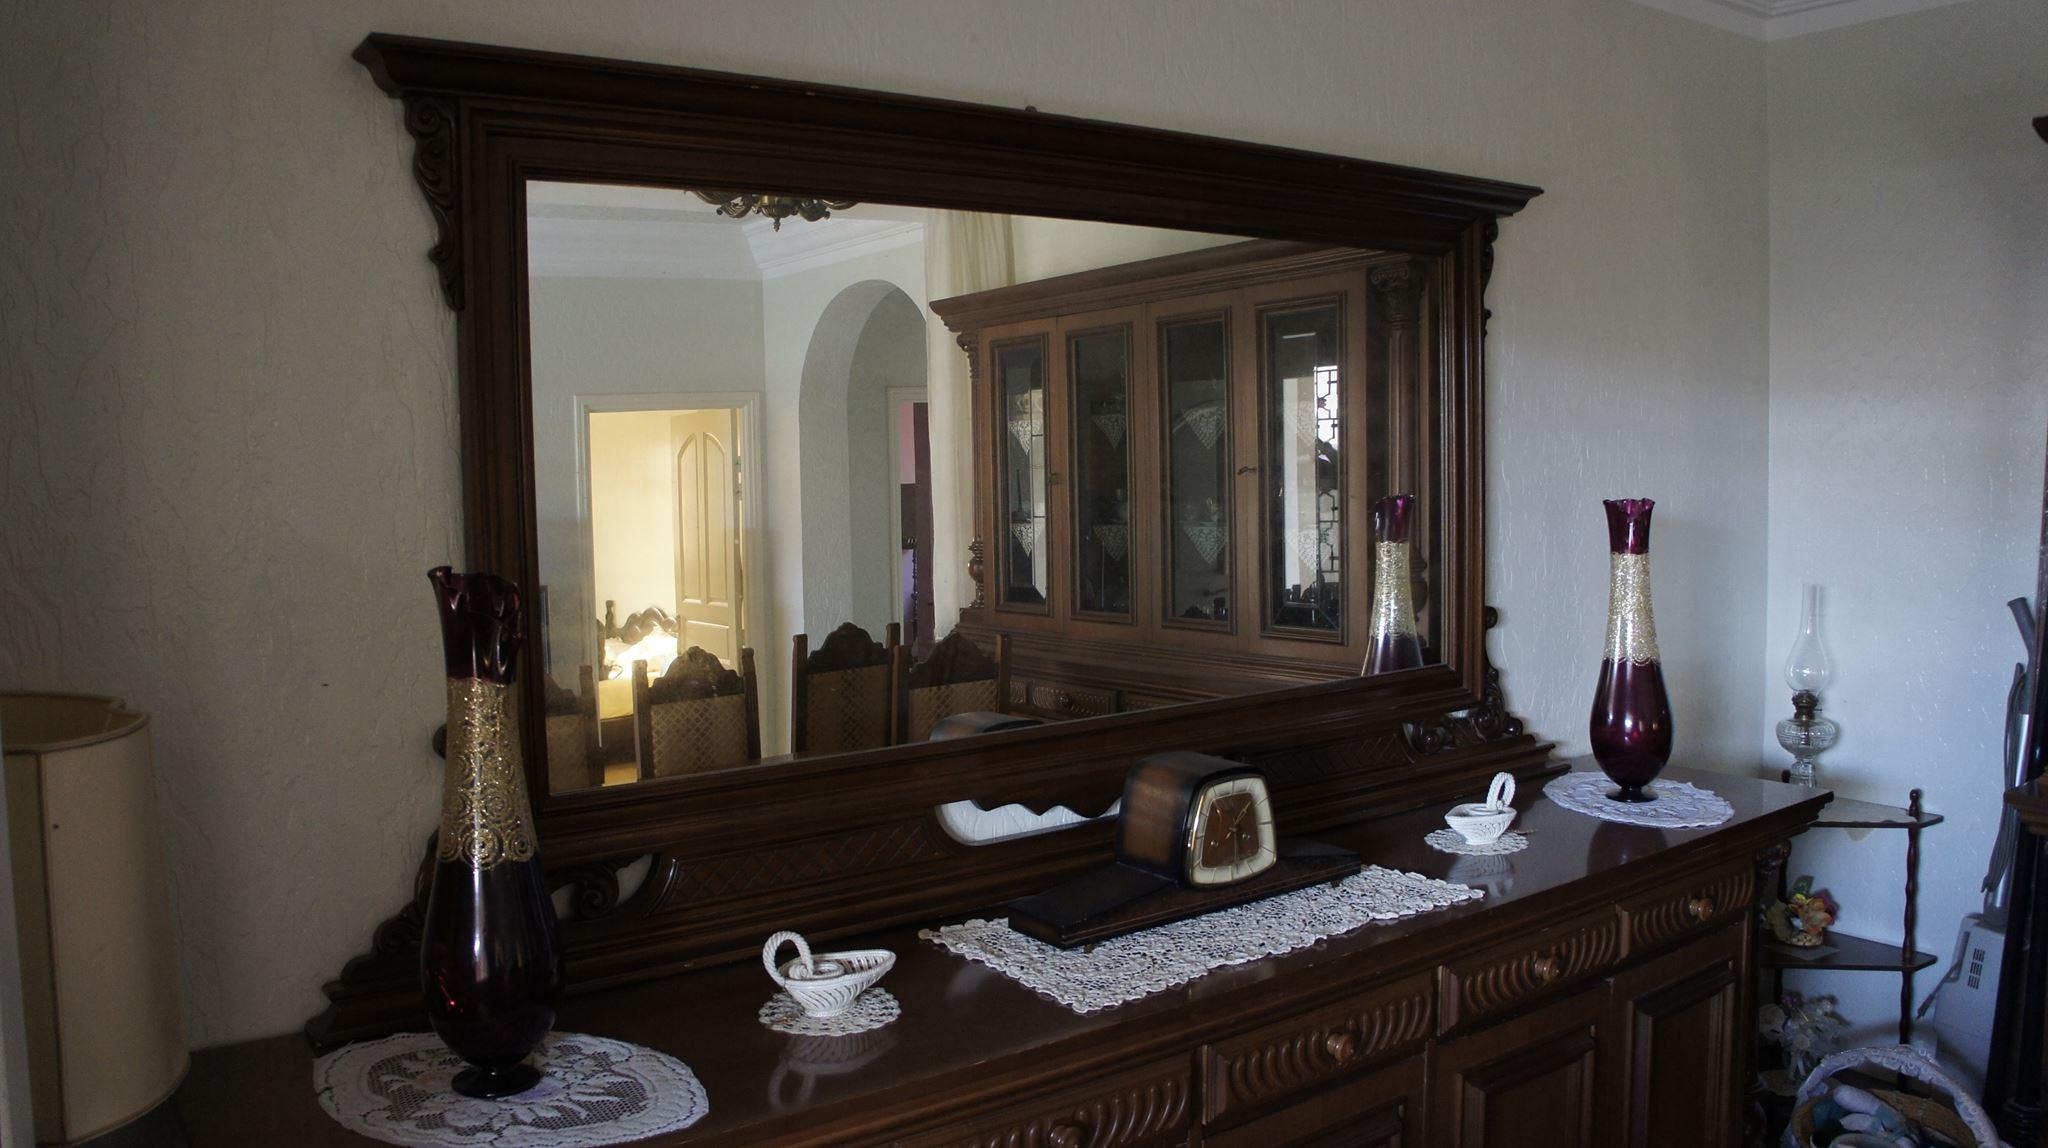 meuble style italien - meubles et décoration tunisie - Meuble Design Tunisie